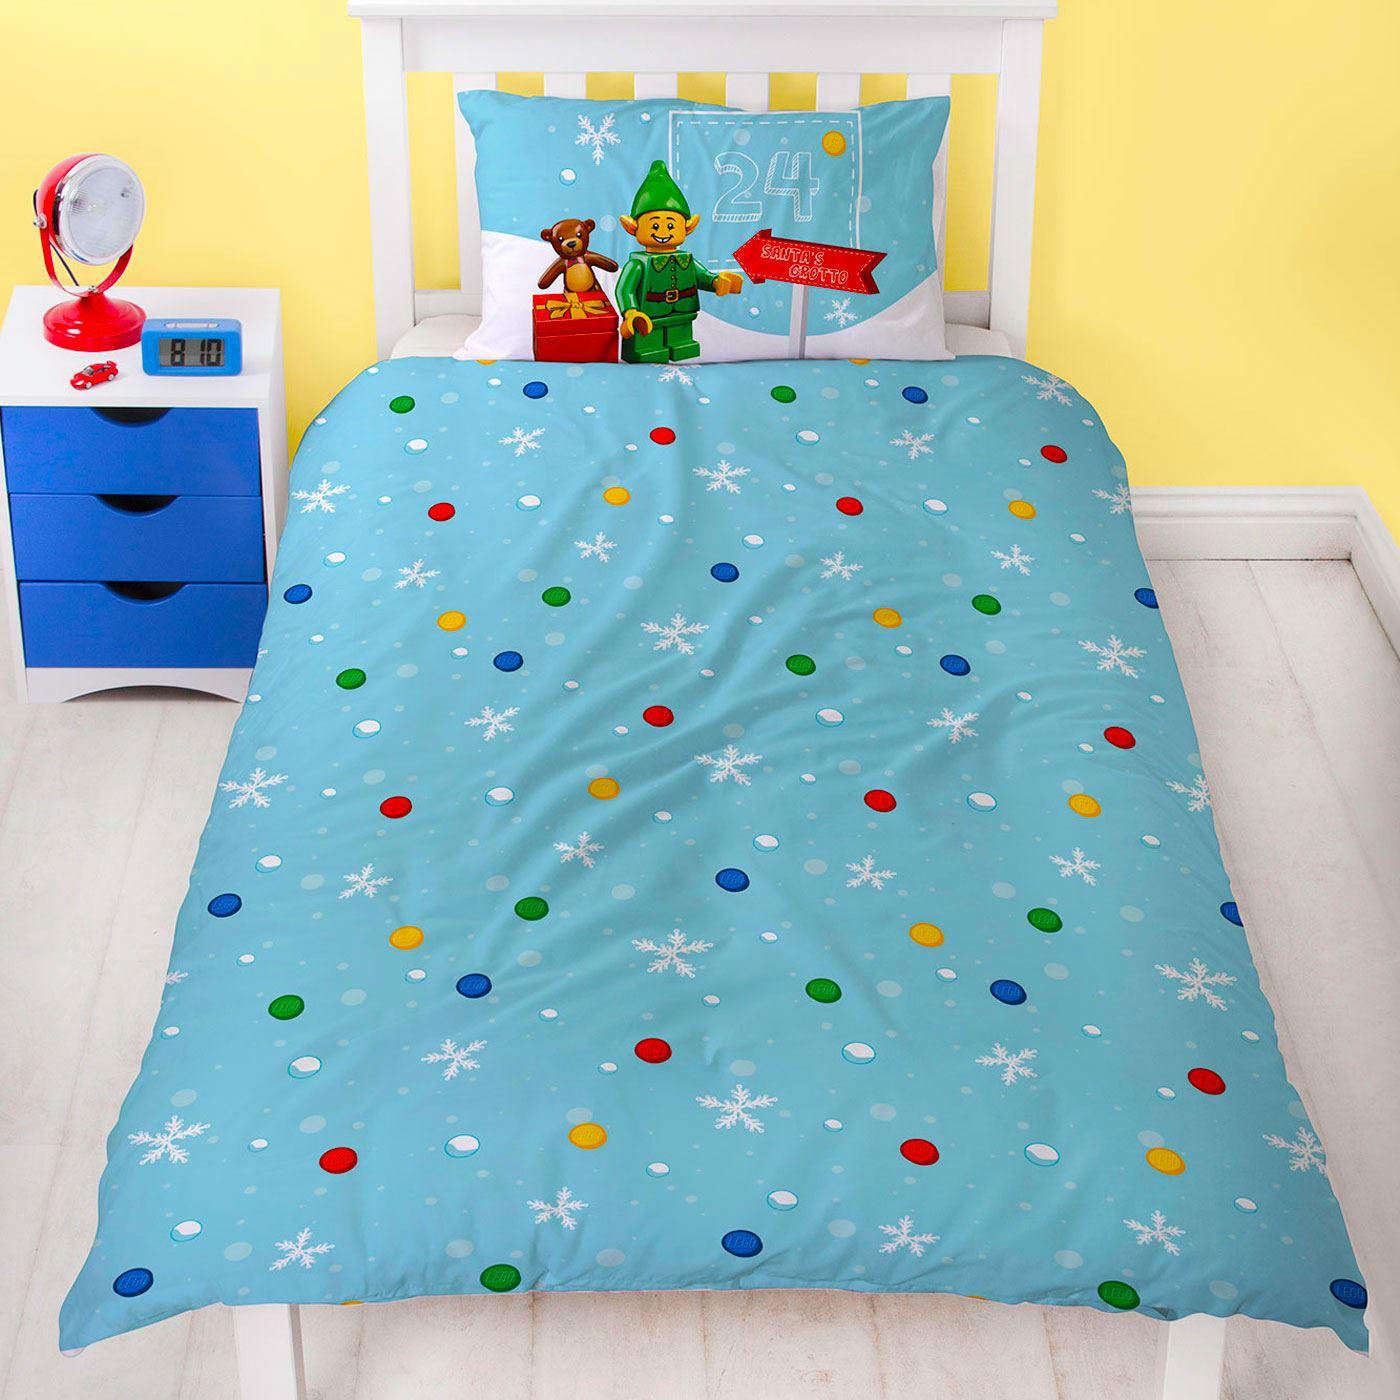 Indexbild 40 - Kinder Weihnachten Bettbezug Sets - Junior Einzel Doppel King - Elf Emoji Grinch